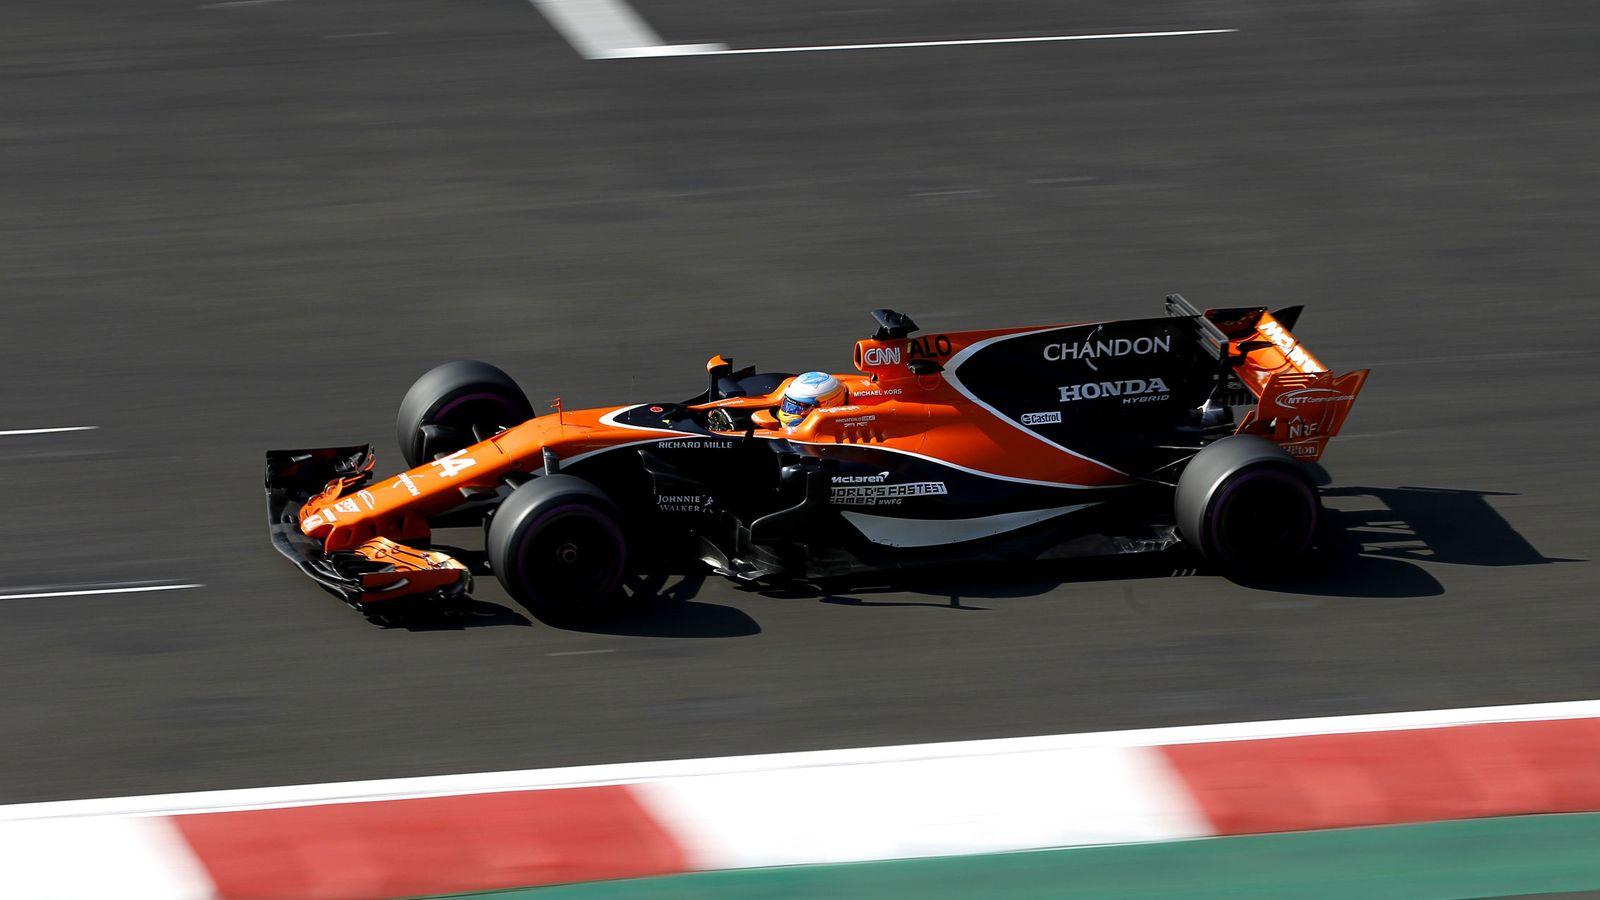 Foto: Fernando Alonso fue quinto en la Q1 de este sábado en Ciudad de México. (EFE)